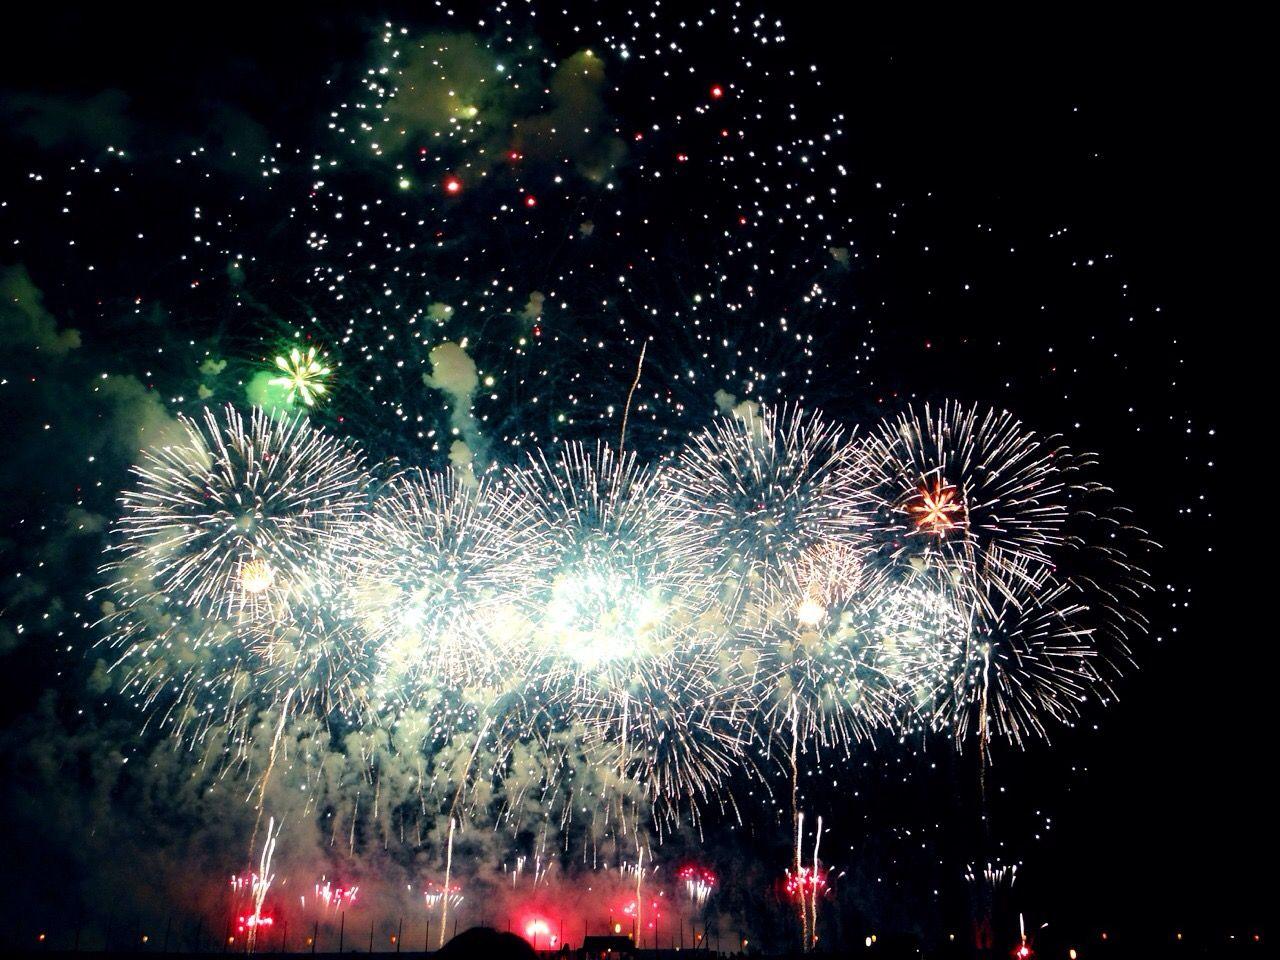 「観る」のではなく「全身で感じる」長岡まつり大花火大会